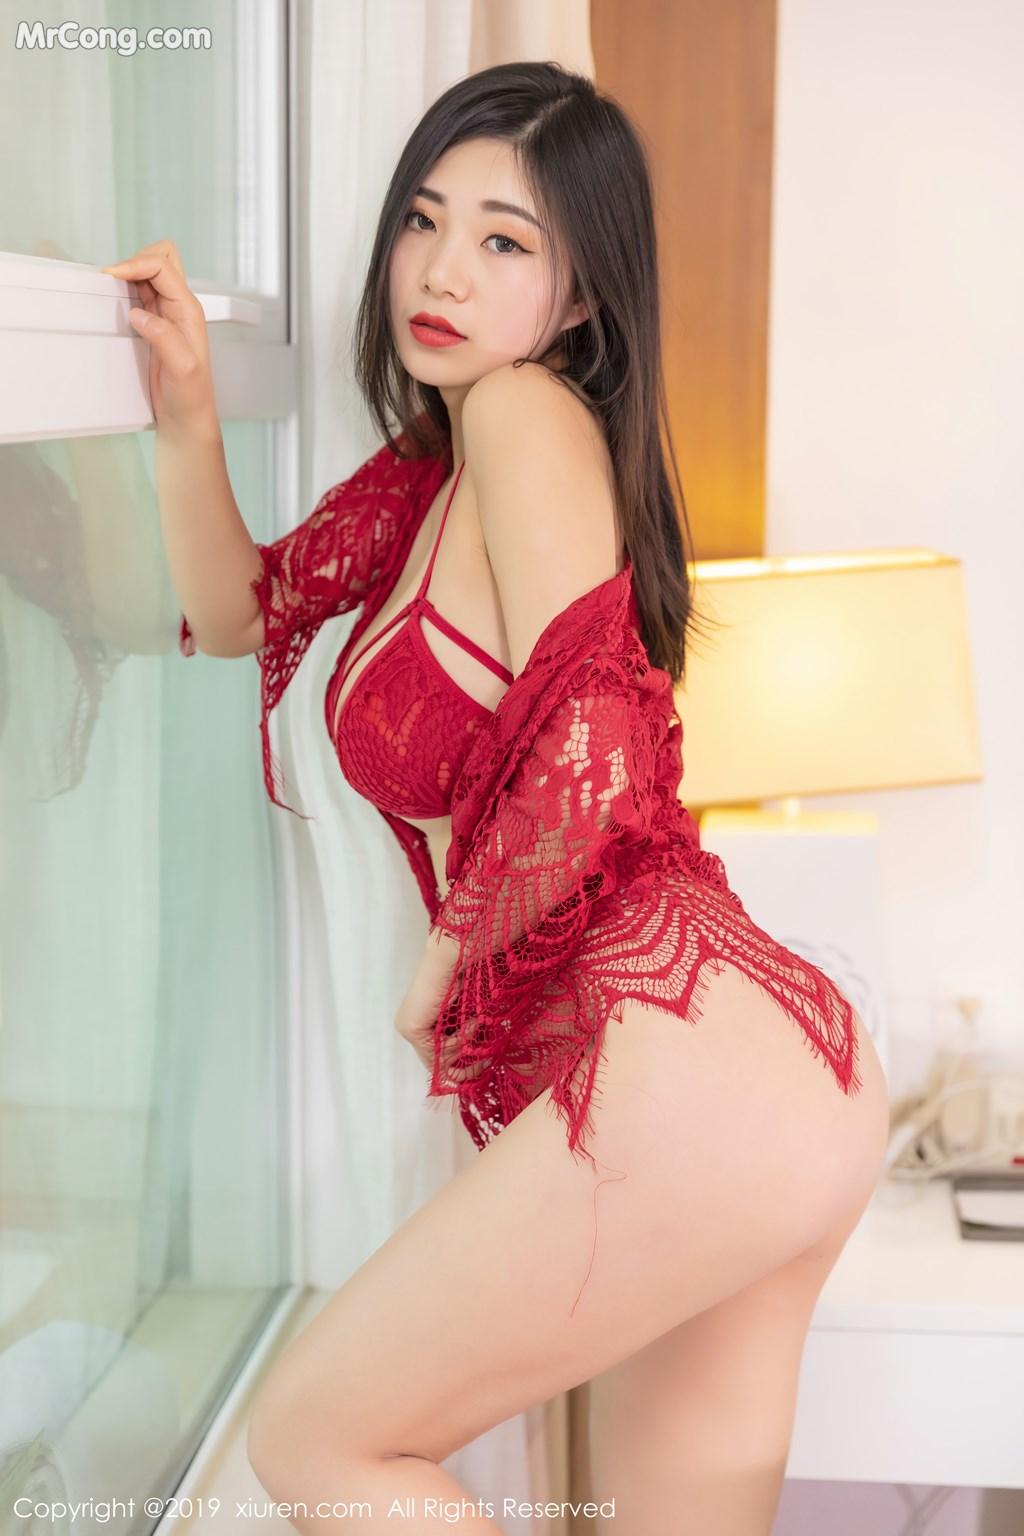 Image XIUREN-No.1327-KiKi-MrCong.com-040 in post XIUREN No.1327: 宋-KiKi (44 ảnh)